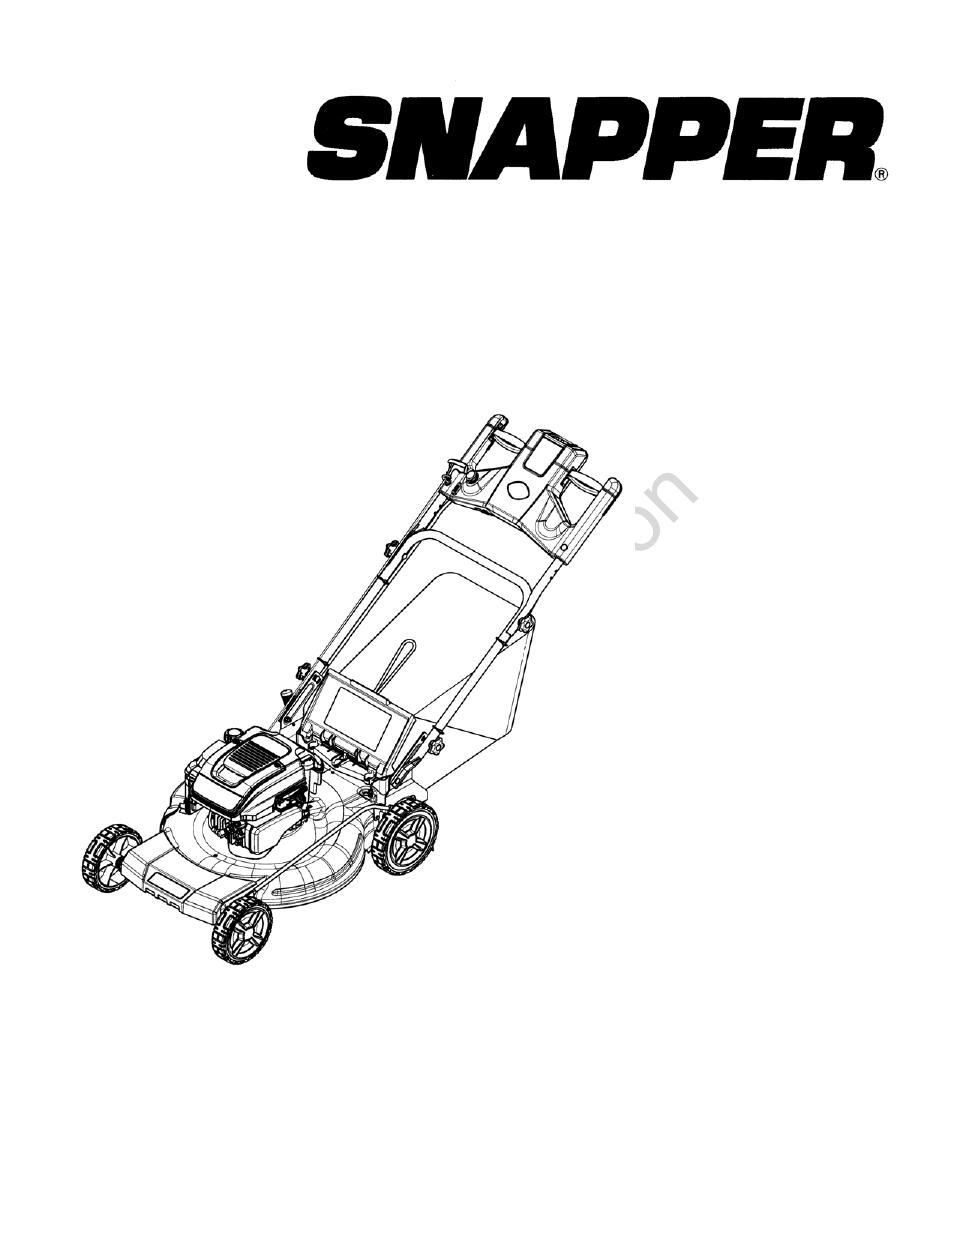 Range Rover 4 6 Vacuum Diagram. Rover. Auto Wiring Diagram